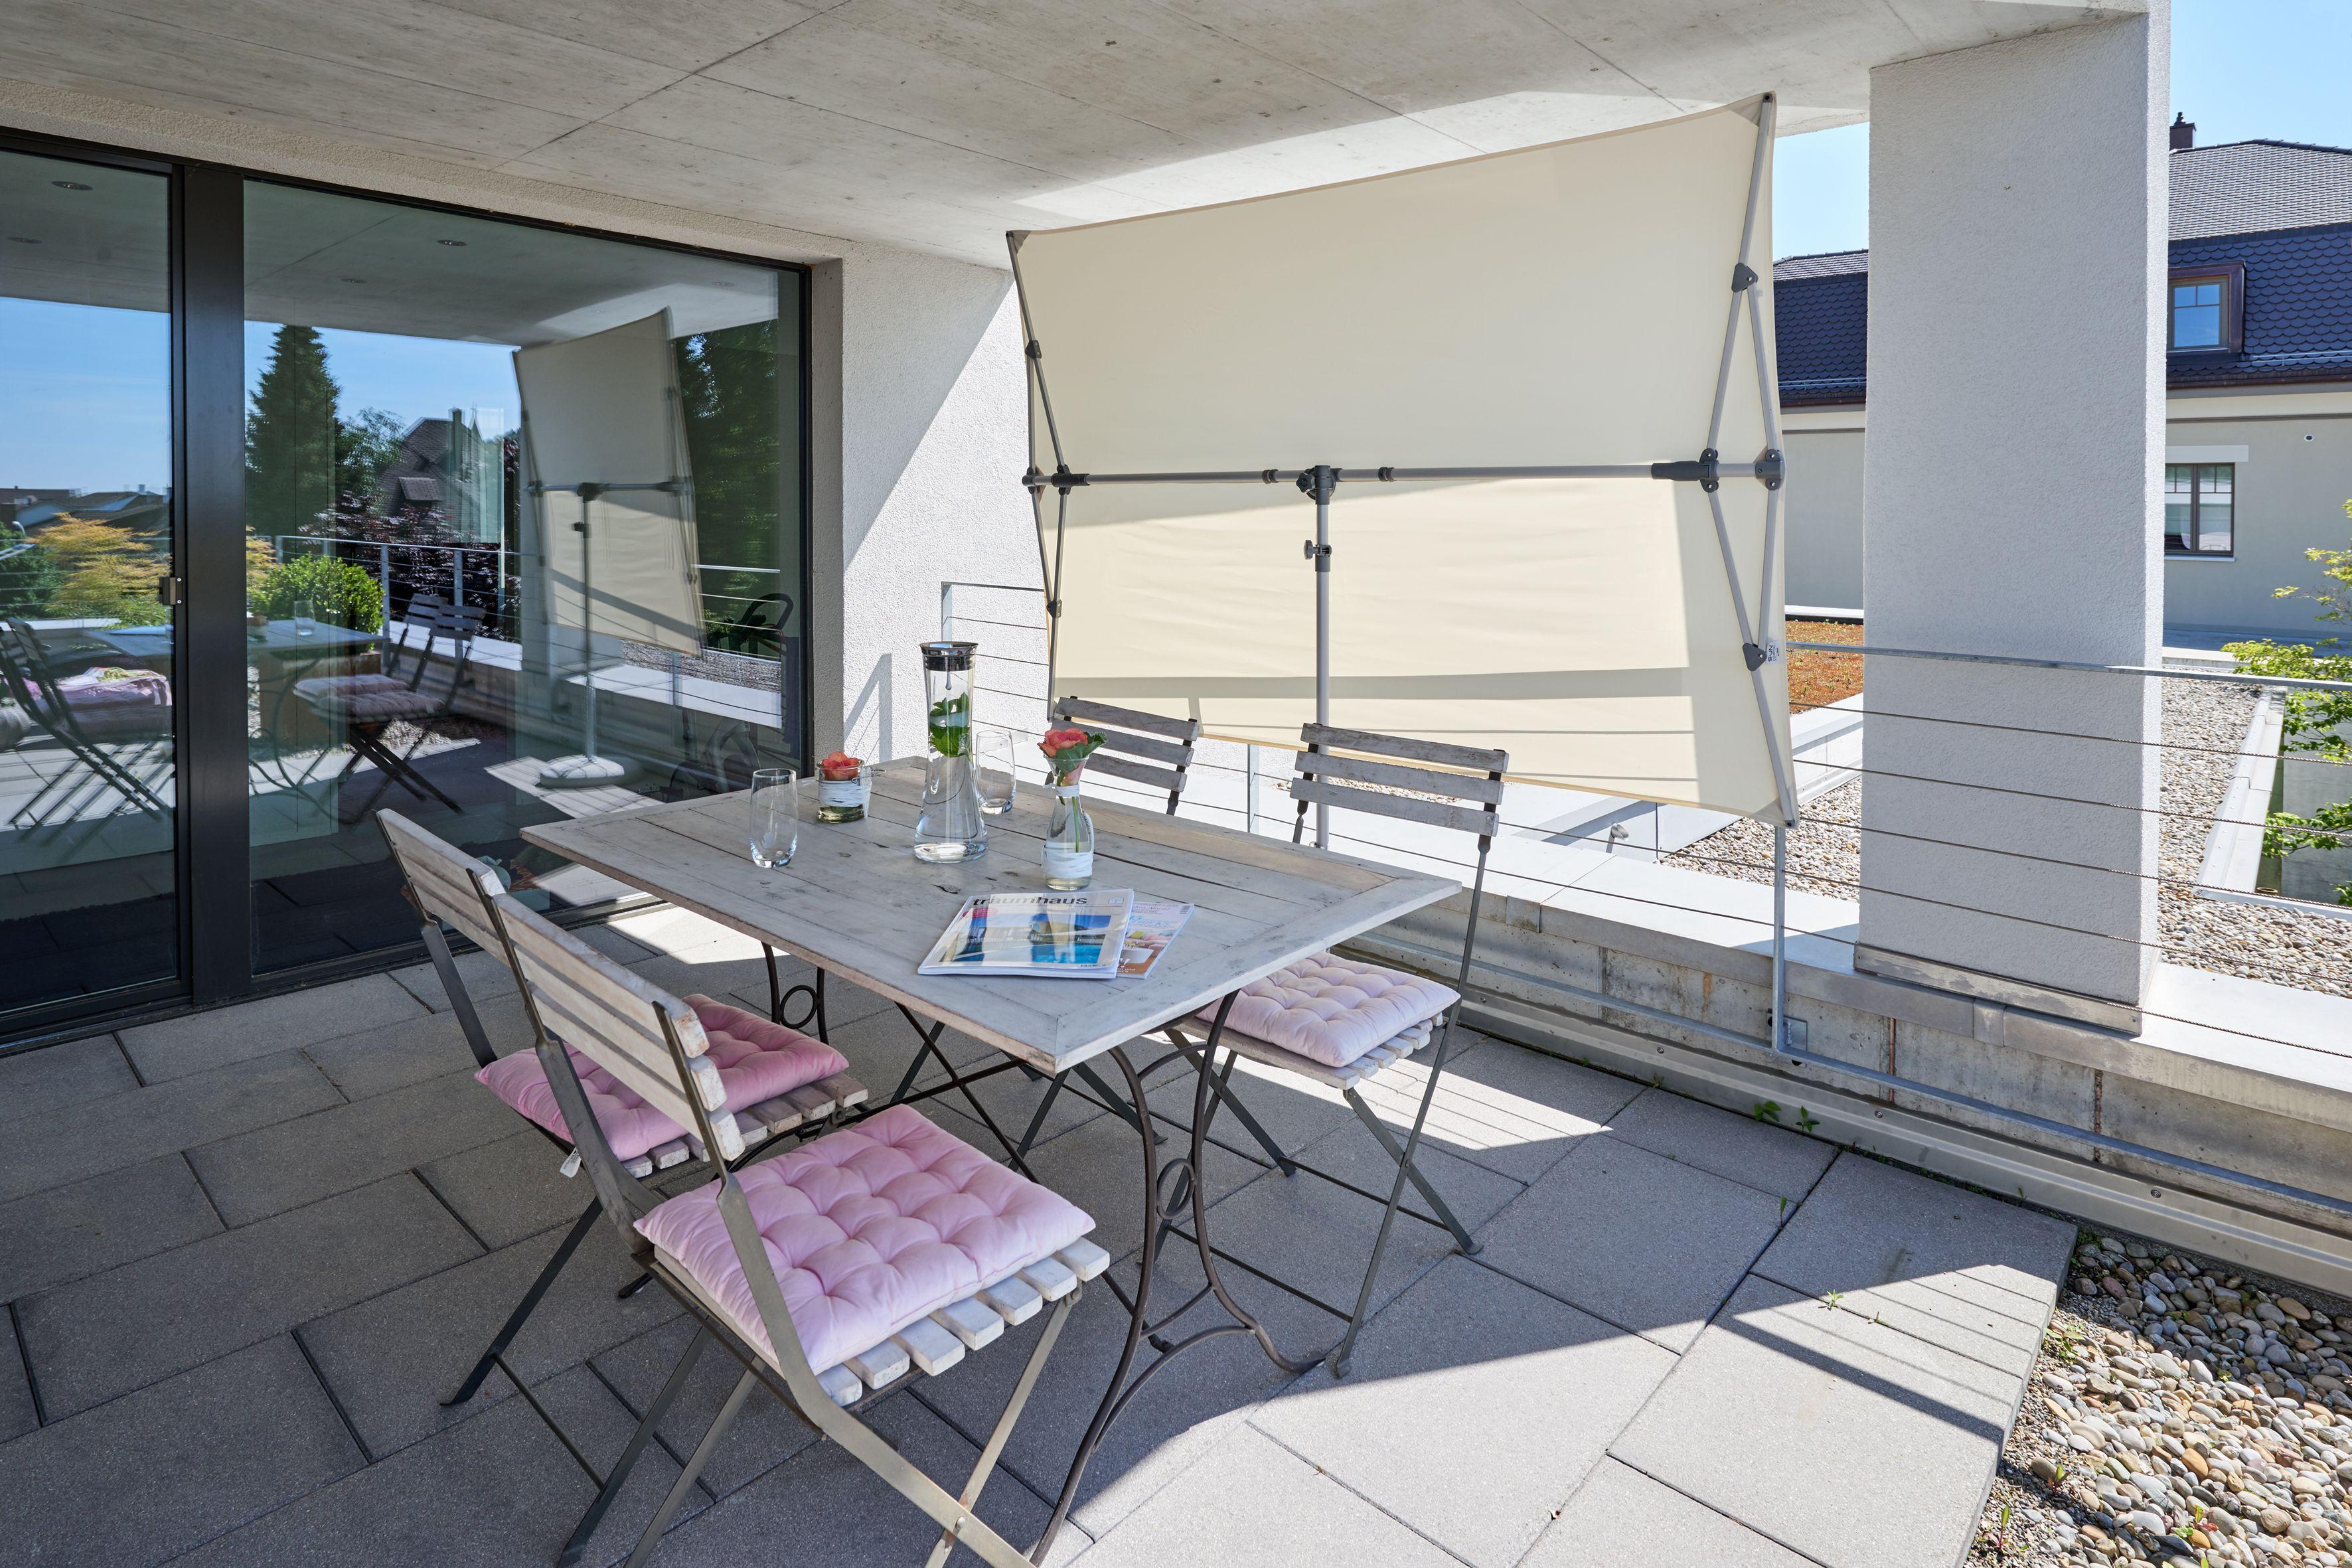 Glatz Flex Roof Sonnenschirm Und Sichtschutz Sonnenschirm Balkon